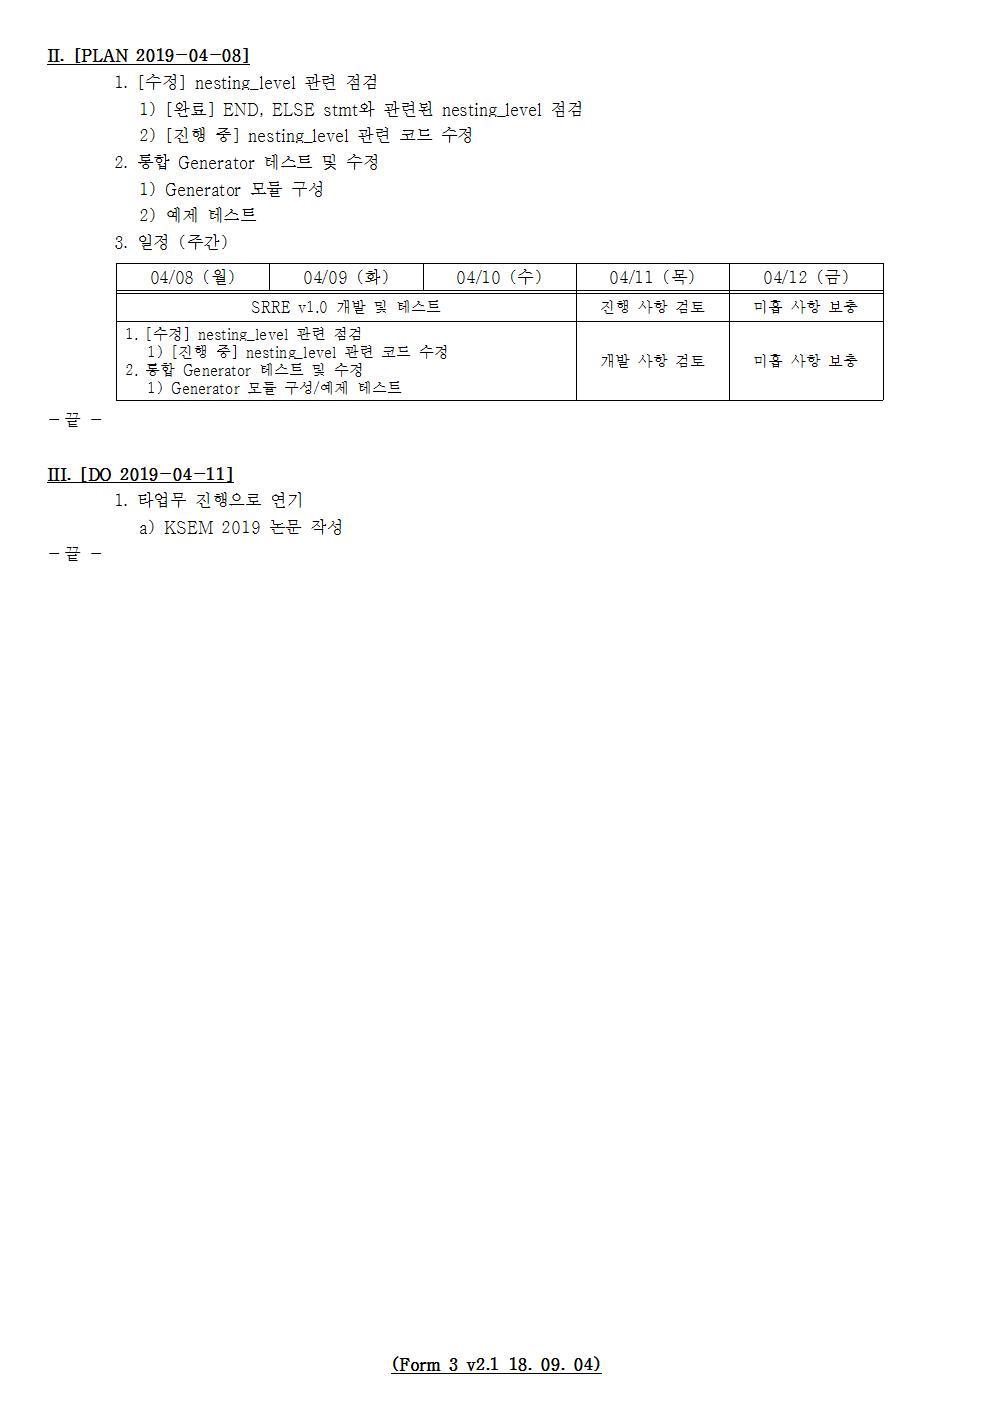 D-[19-003-RD-03]-[Tool-SRRE-1.X]-[2019-04-11][JS]002.jpg